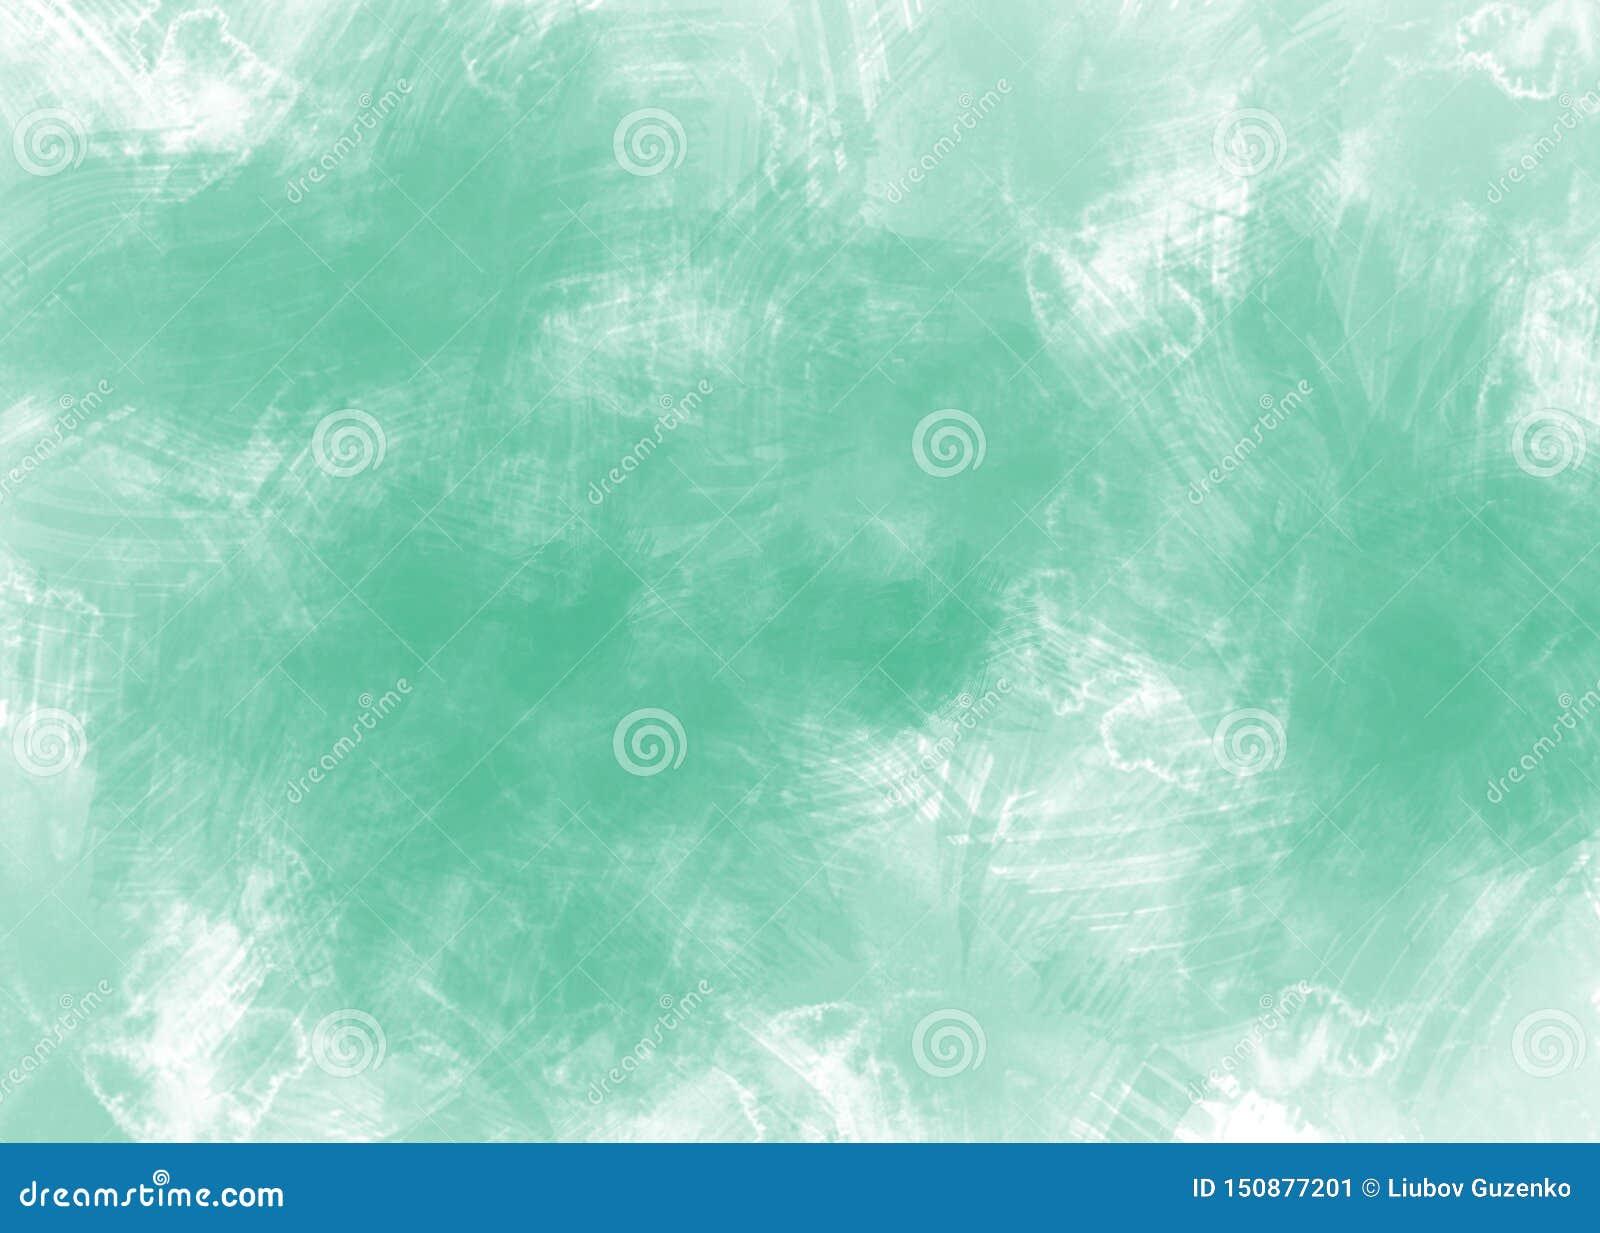 Abstrakt vattenfärggräsplanbakgrund på vitbok